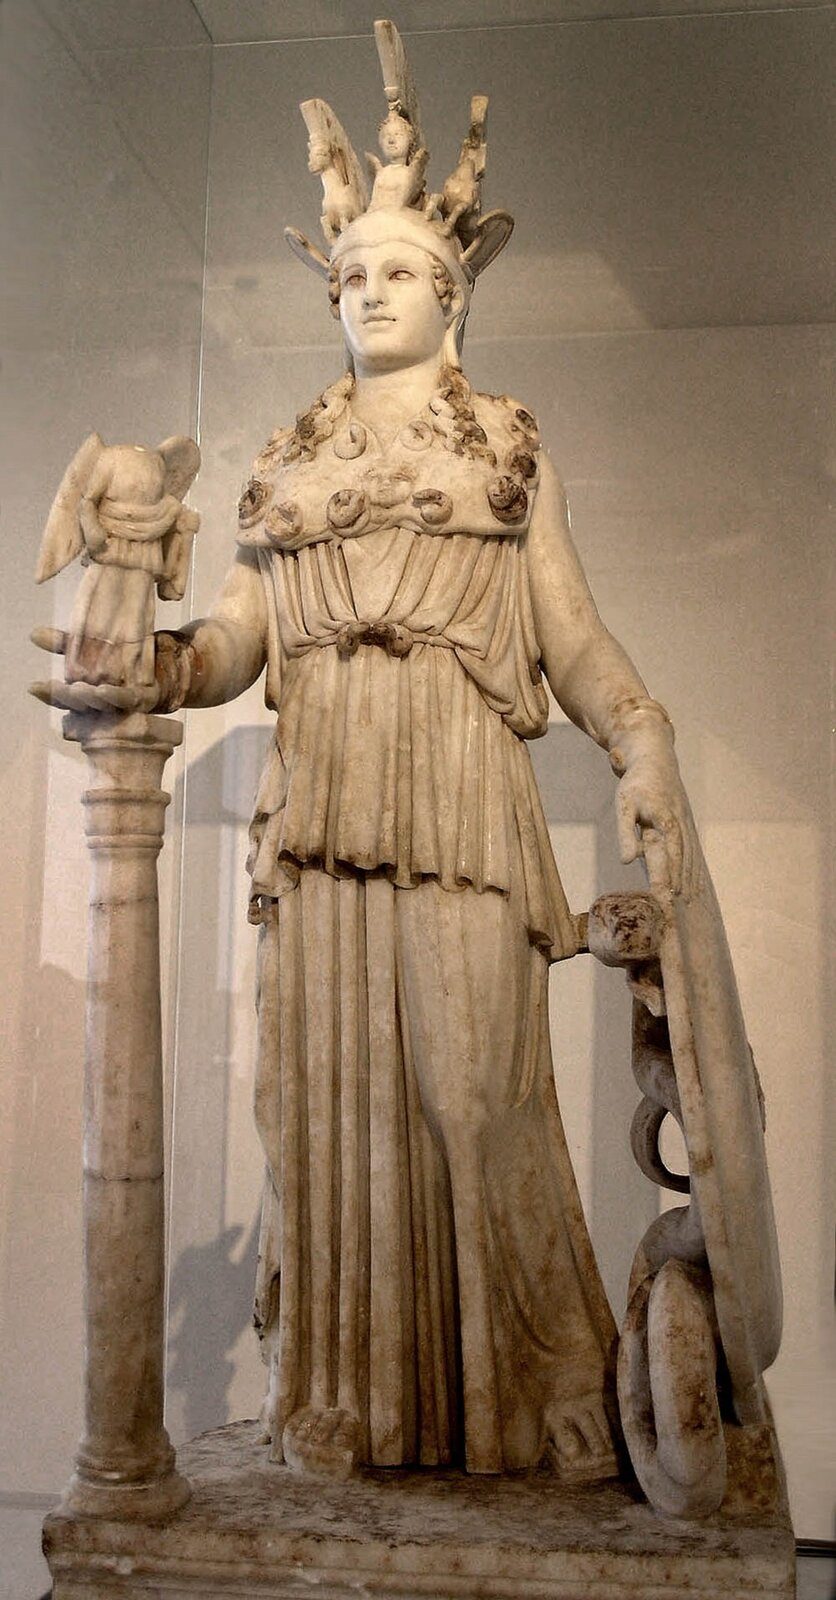 """Ilustracja przedstawia rzeźbę Fidiasza pt. """"Atena Partenos"""". Na fotografii ukazany jest posąg stojącej Ateny whełmie idługim peplosie, zegidą ifigurą Nike na prawej dłoni oraz włócznią itarczą przy lewym boku. Szczyt jej hełmu zdobił gryf między dwoma sfinksami, egidę – głowa Meduzy, tarczę – amazonomachia igigantomachia, sandały – centauromachia."""